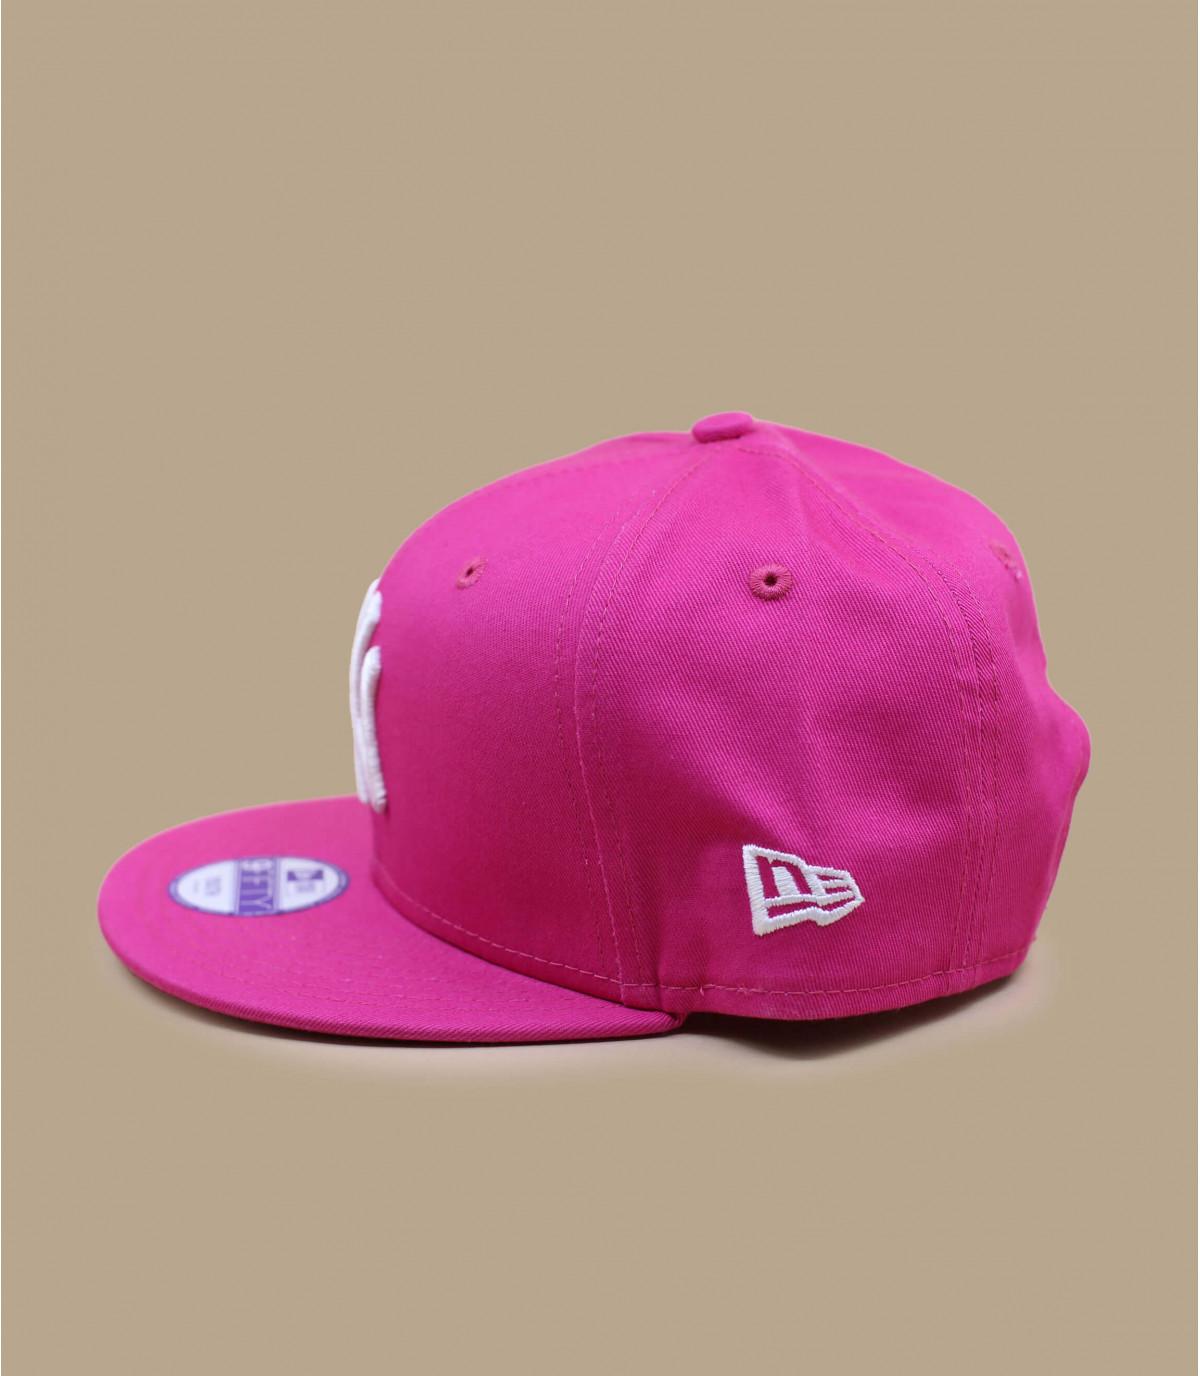 Child pink snapback - NY snapback pink by New Era. 836be872a67